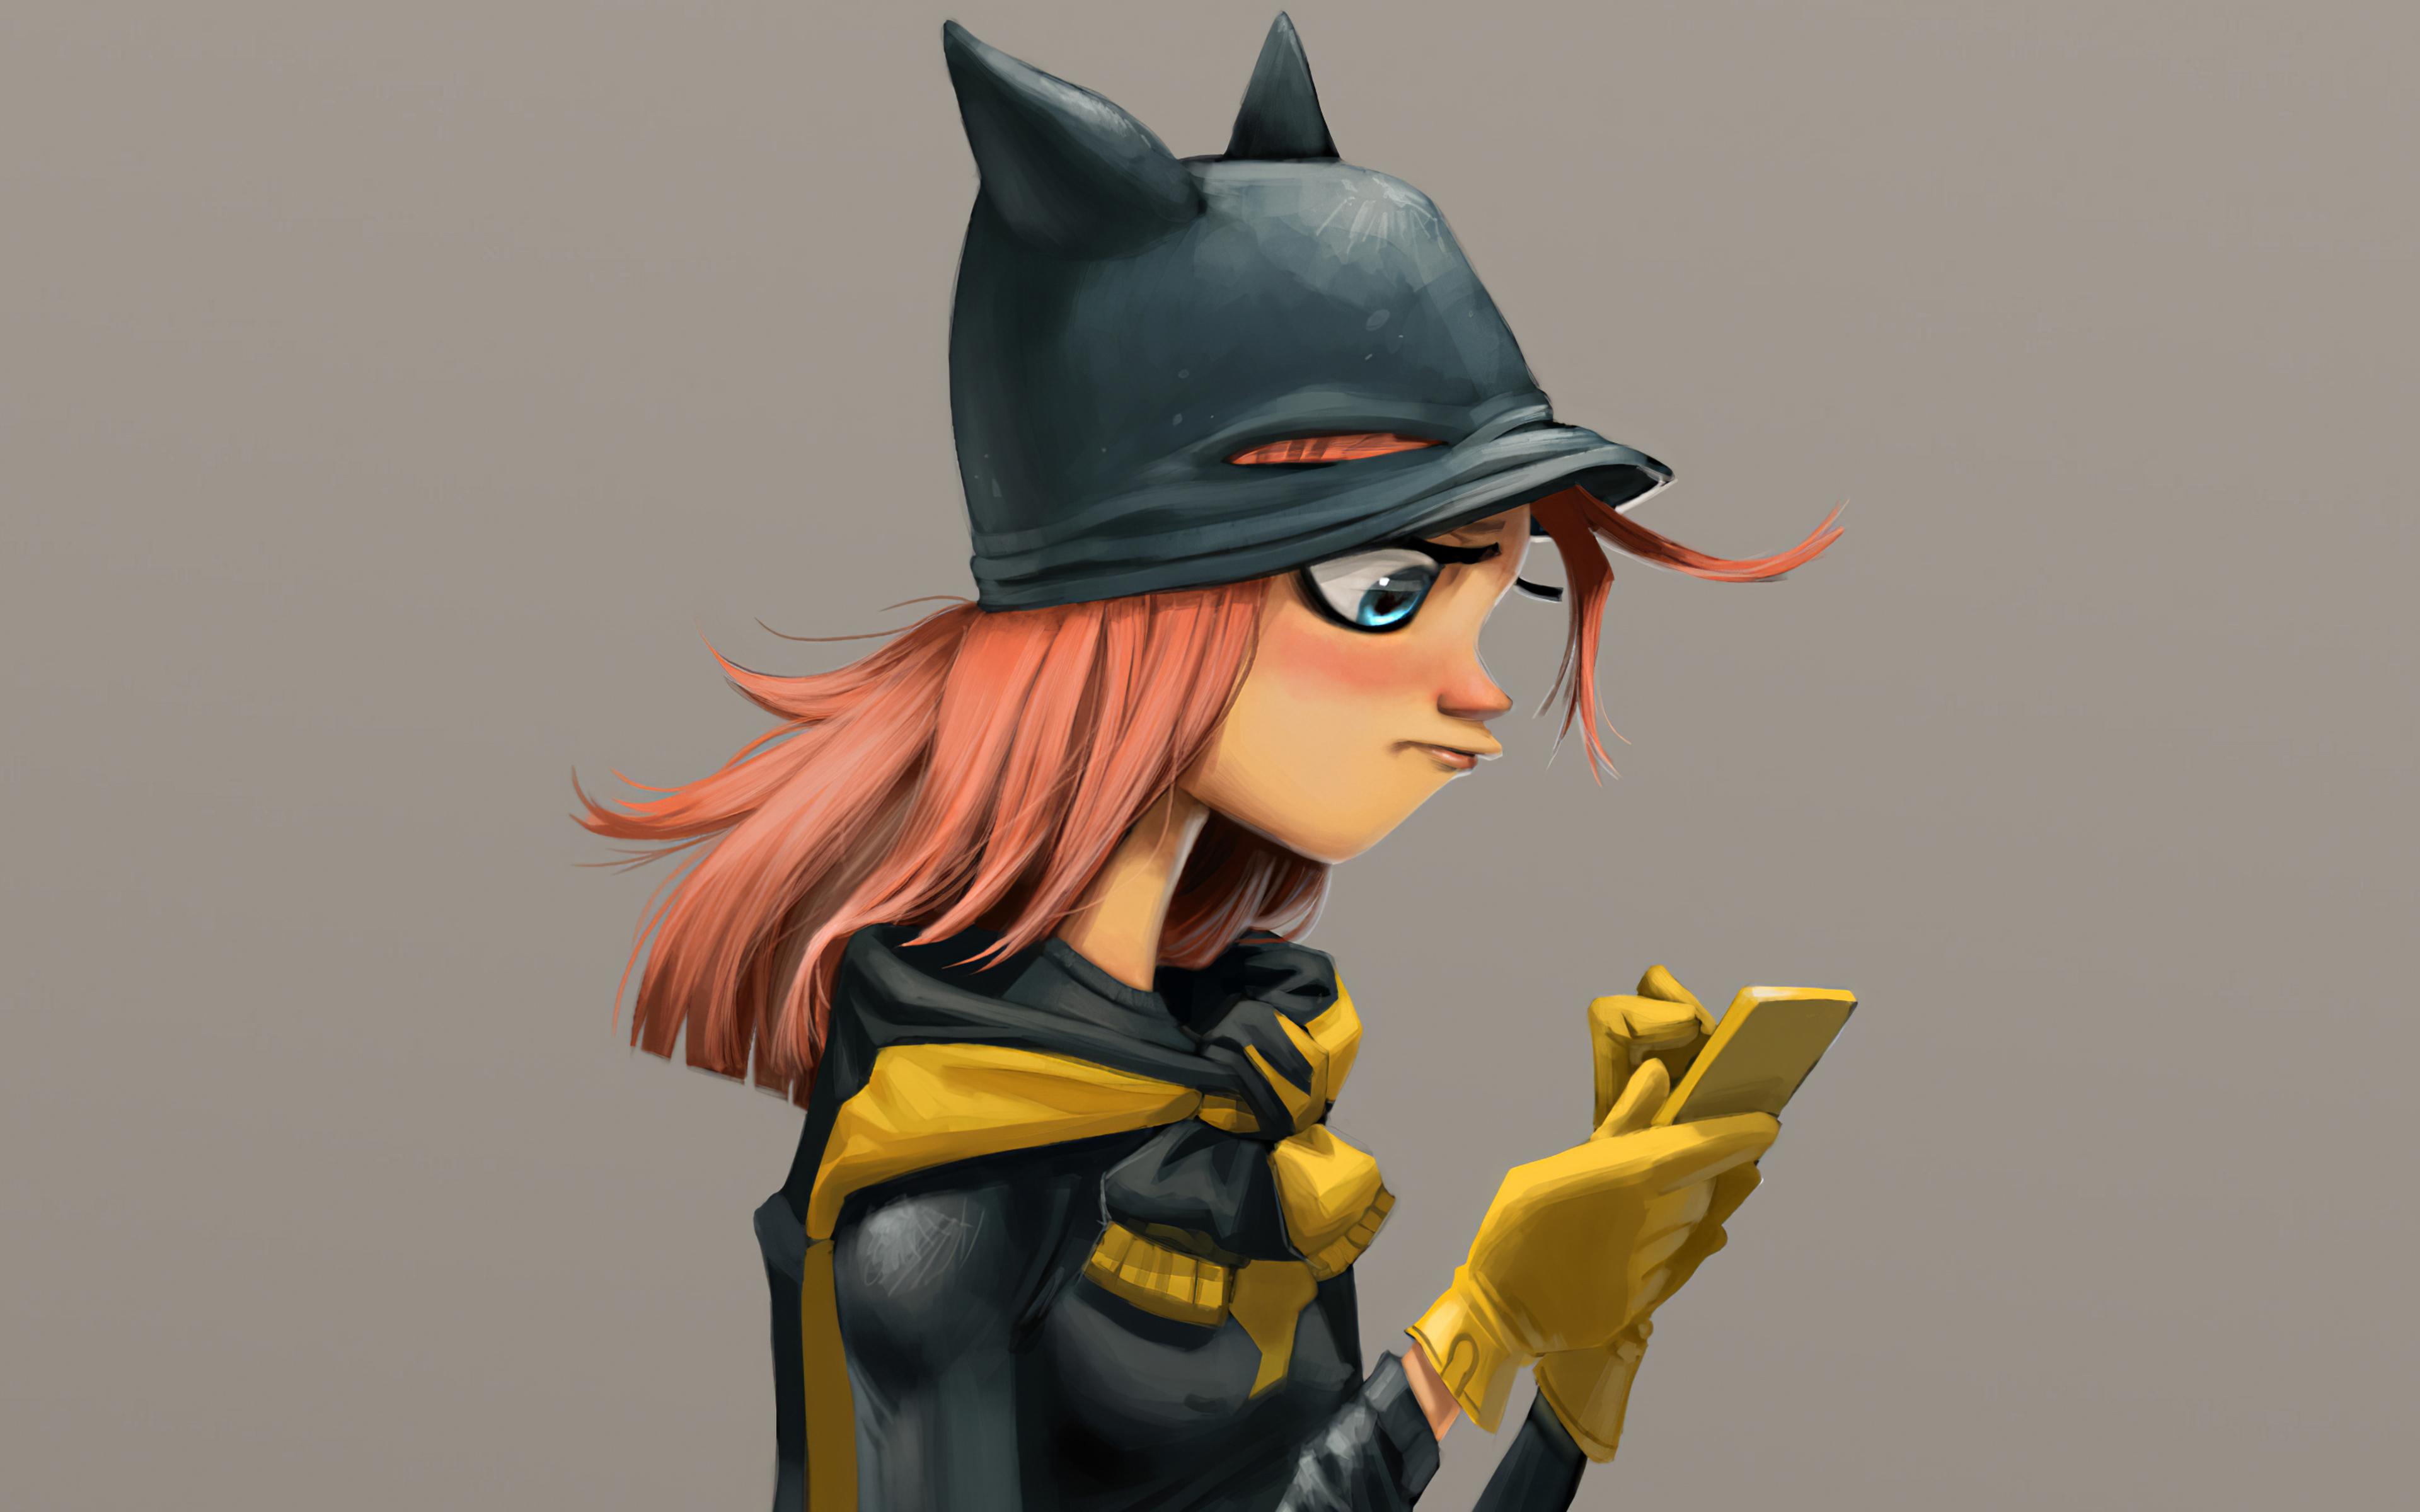 Fondos de pantalla Batgirl usando celular